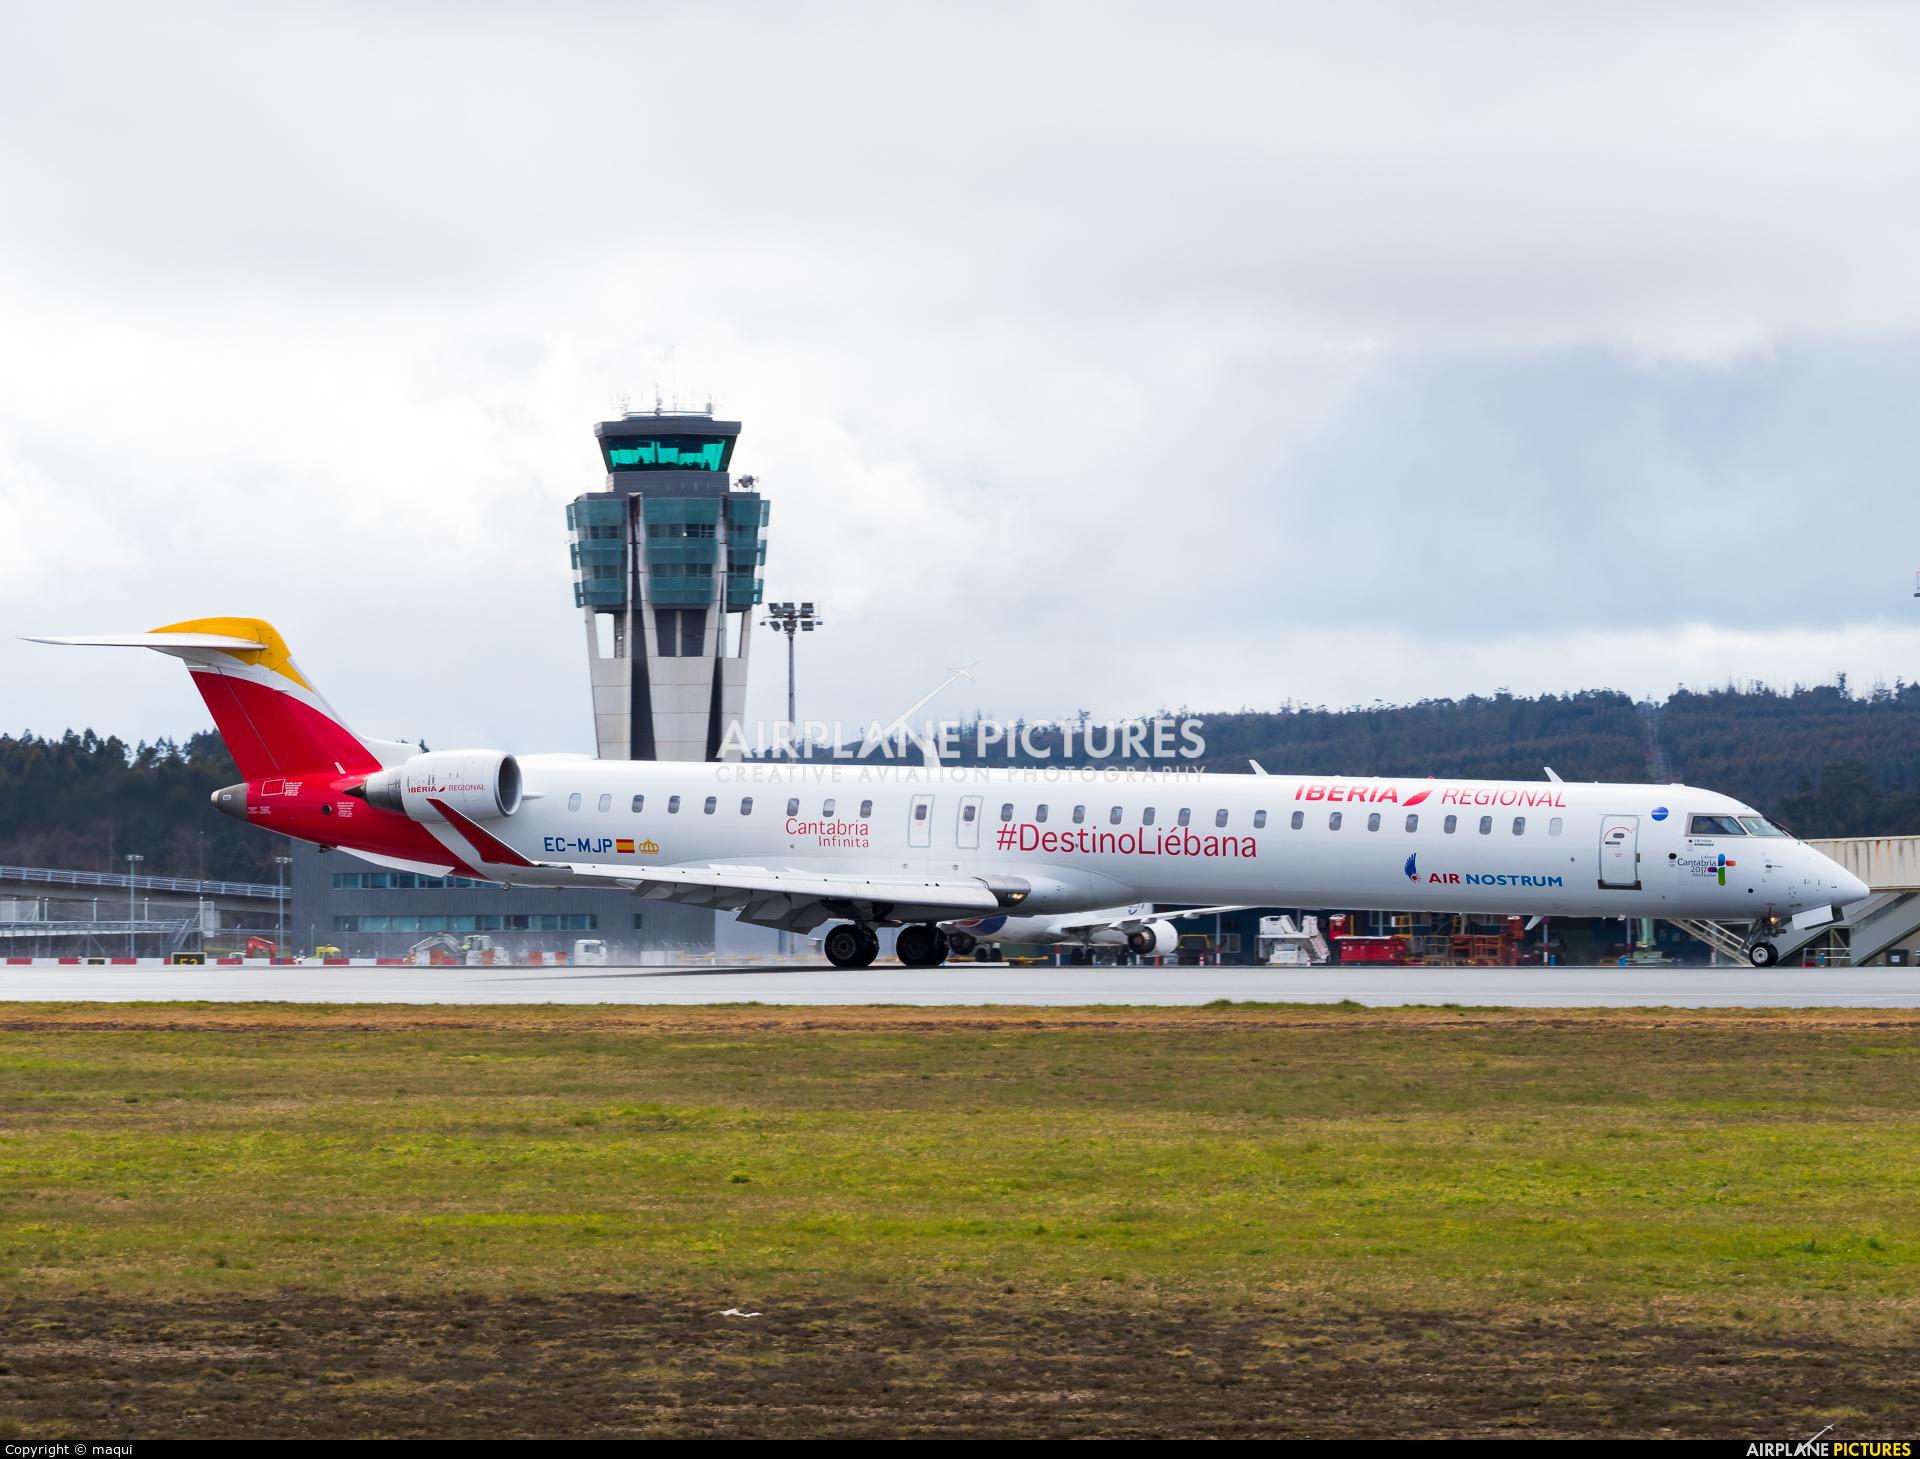 Air Nostrum - Iberia Regional EC-MJP aircraft at Santiago de Compostela